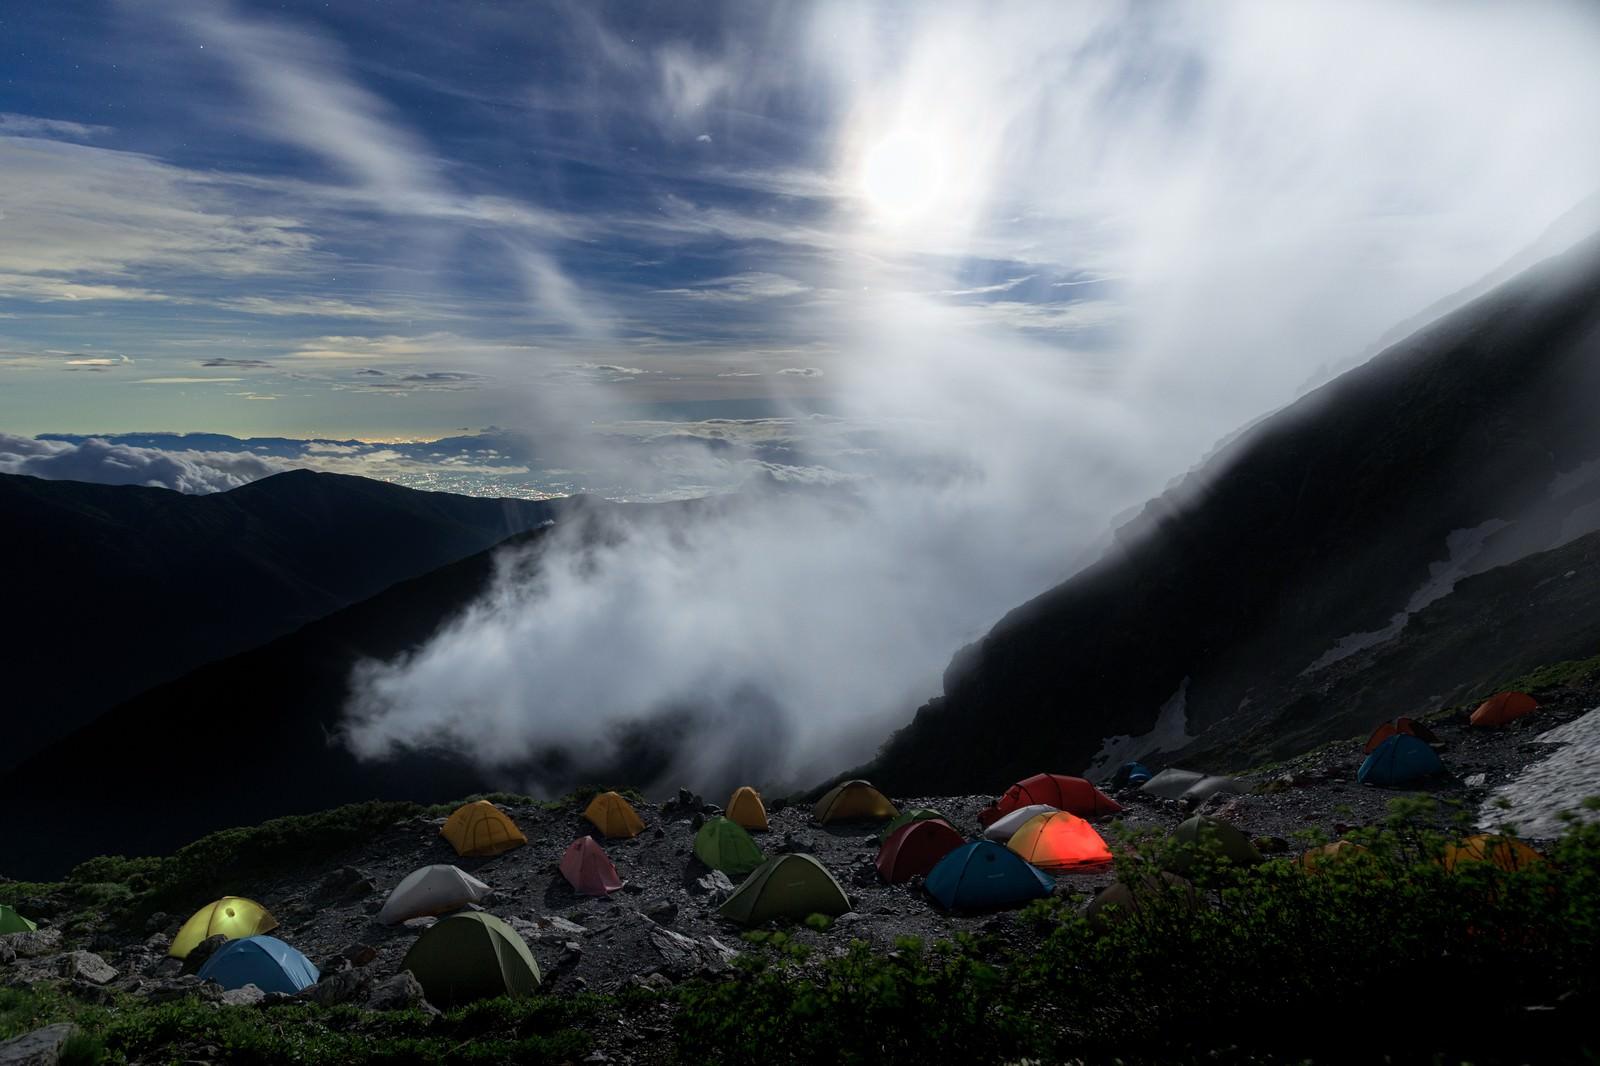 「月光に照らされるテントたち」の写真